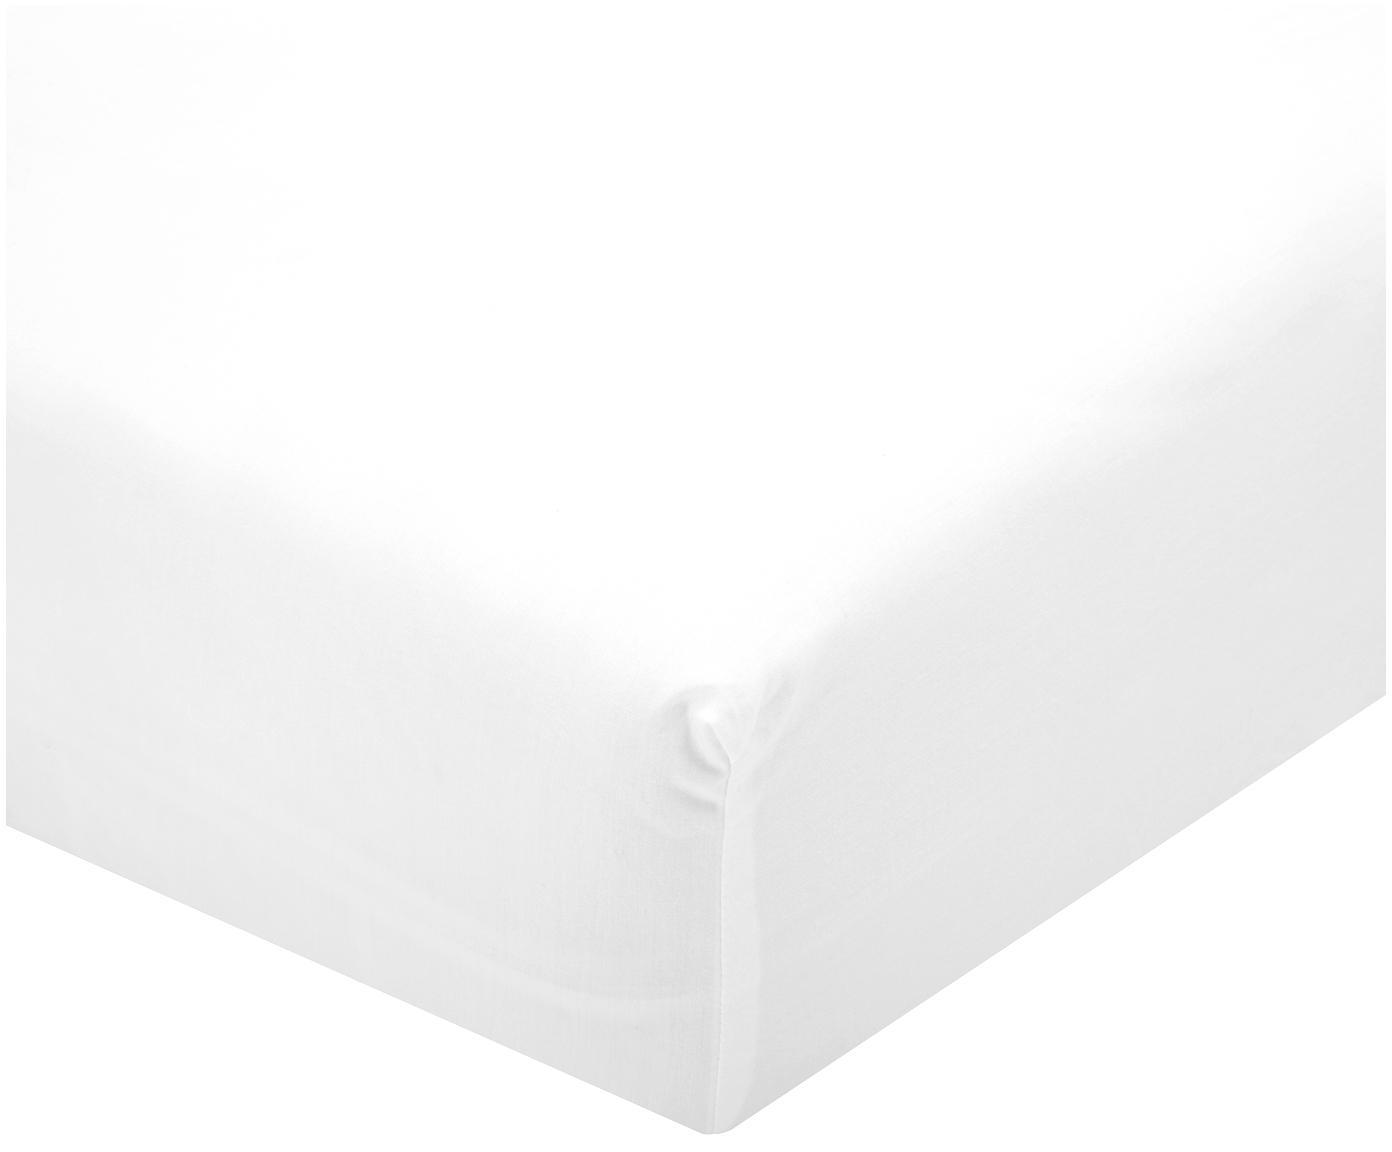 Prześcieradło z gumką z perkalu Elsie, Biały, S 180 x D 200 cm